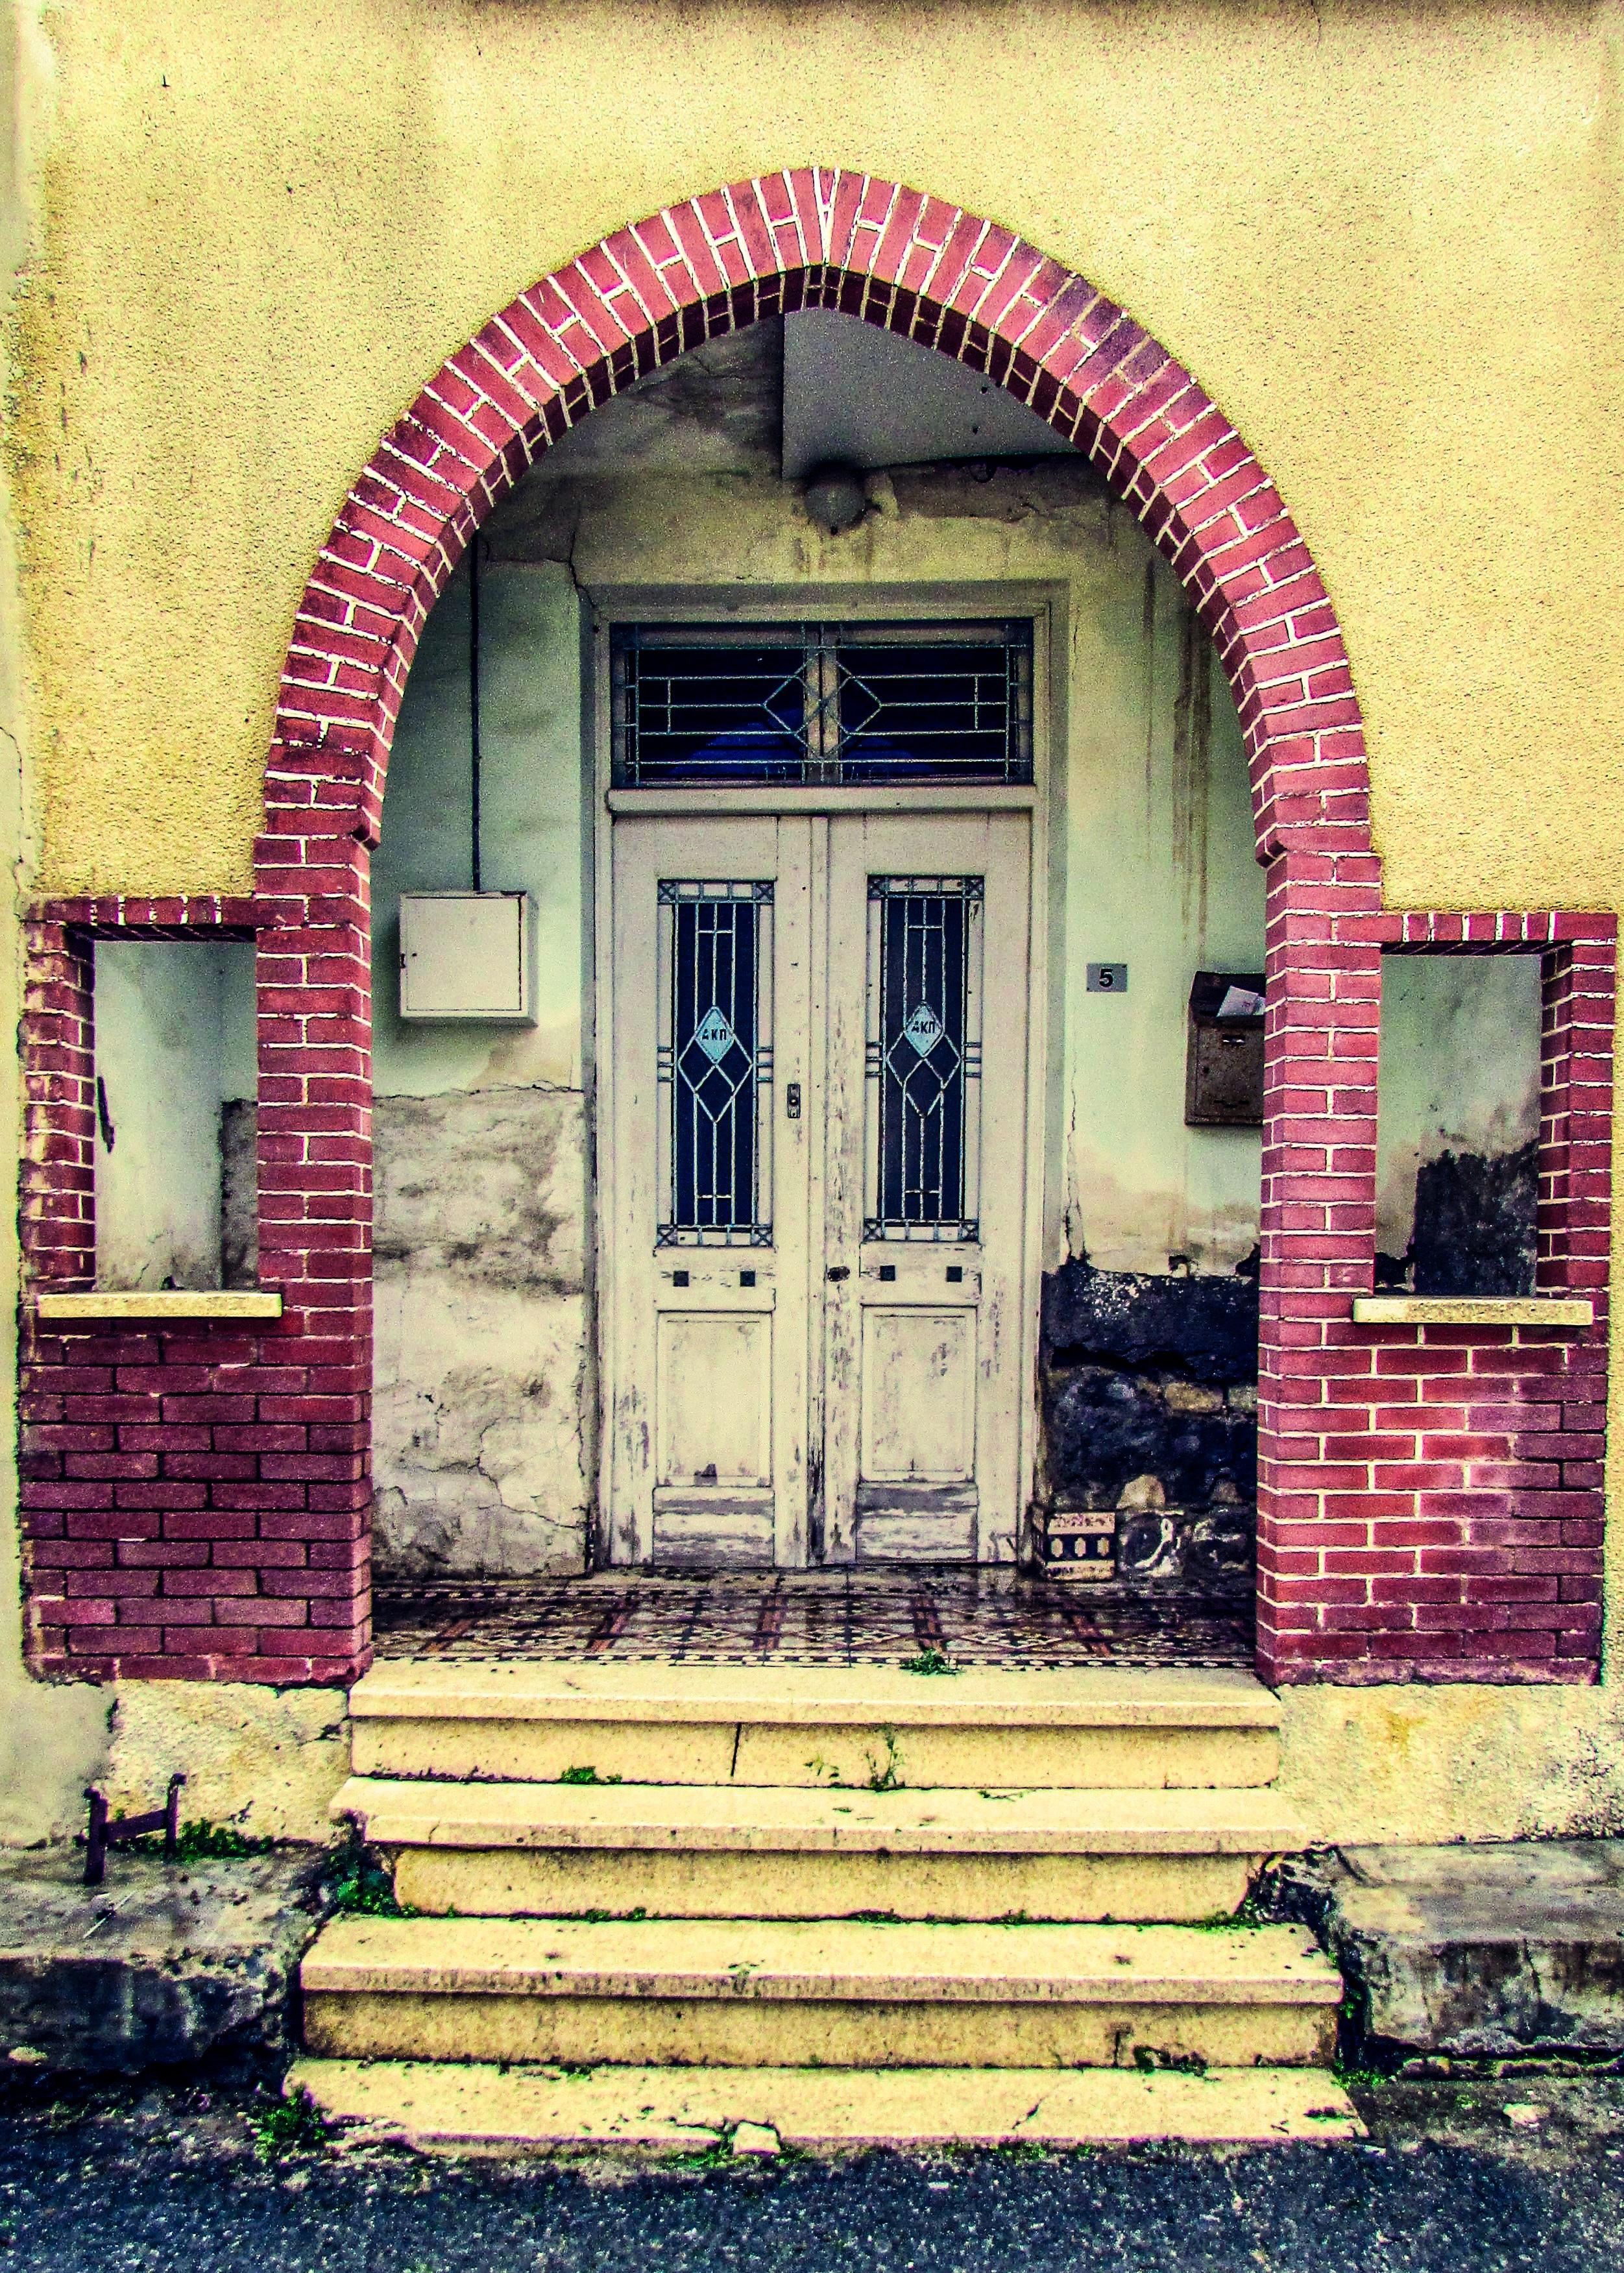 Grungy Die Architektur Haus Fenster Zuhause Mauer Dorf Bogen Rot Eingang  Farbe Fassade Verlassen Dreckig Grunge